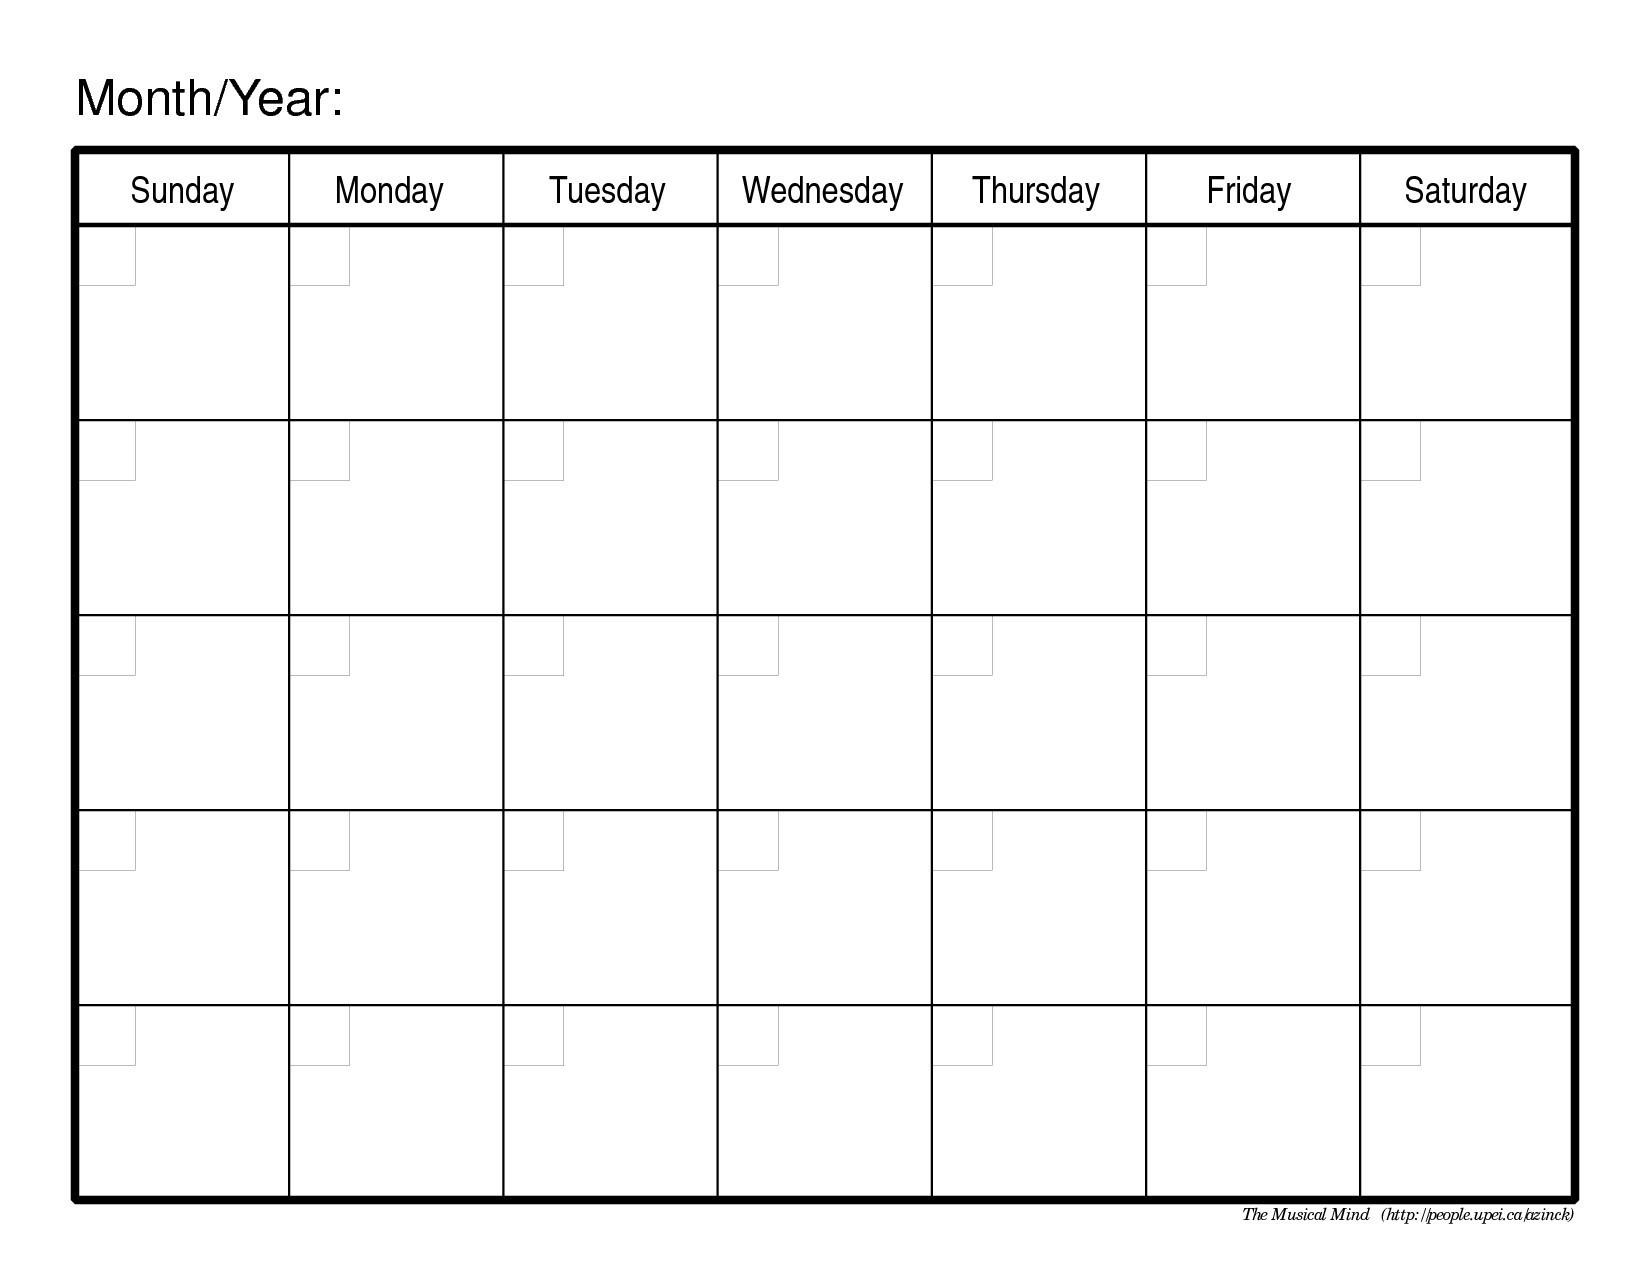 Calendario De Feriados 2017 Para Imprimir Más Recientemente Liberado Informaci³n Make A 2019 Calendar In Excel